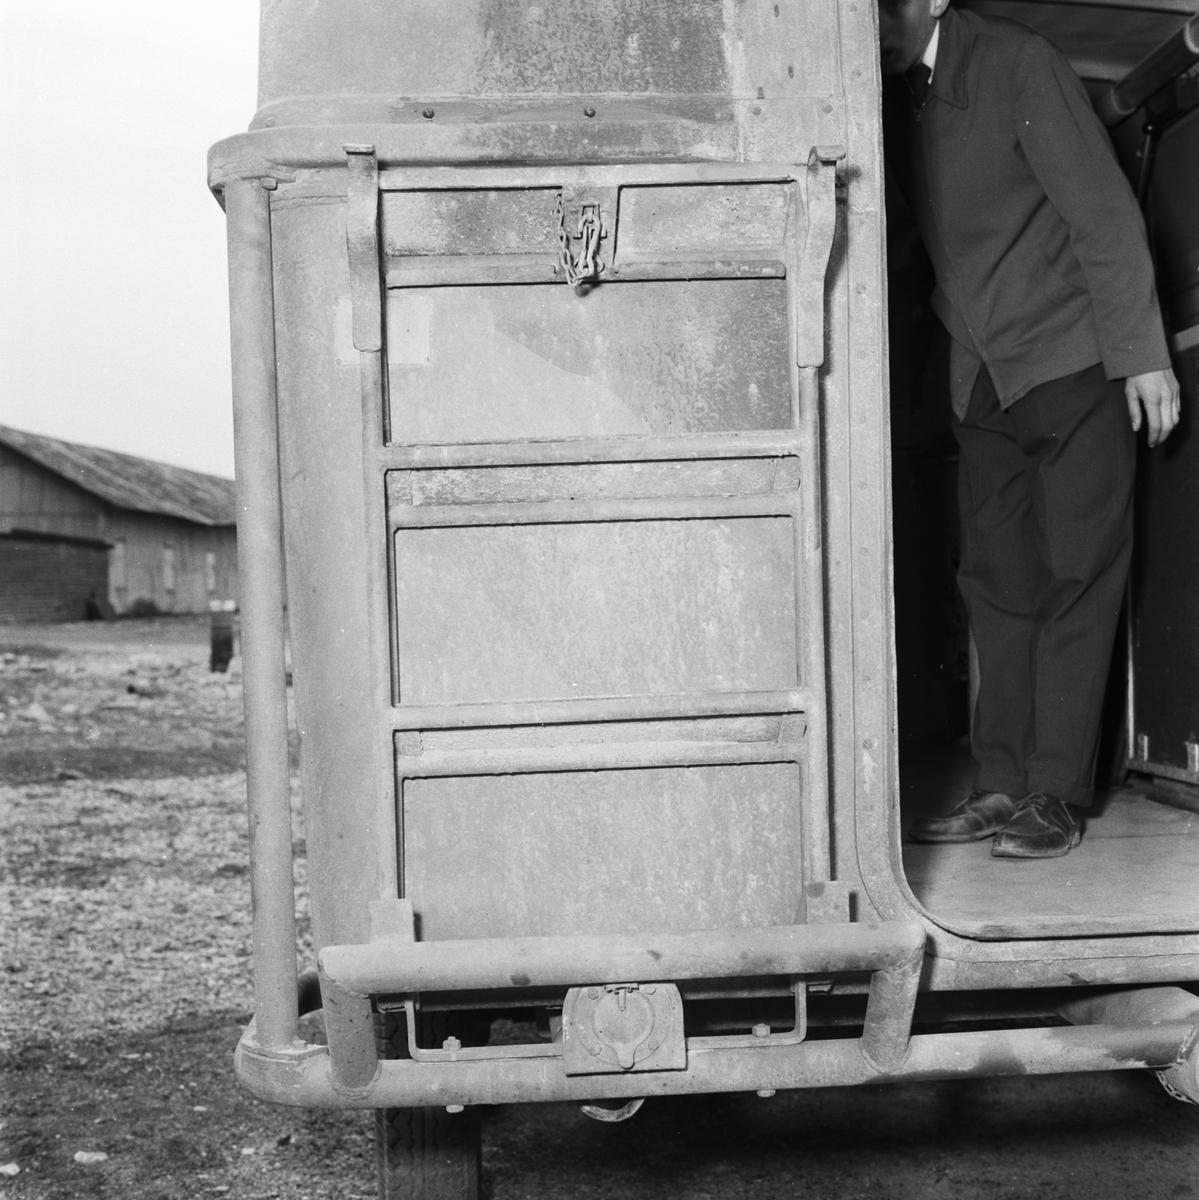 Övrigt: Foto datum: 7/6 1955 Byggnader och kranar Verkstadsbuss exteriör och interiör